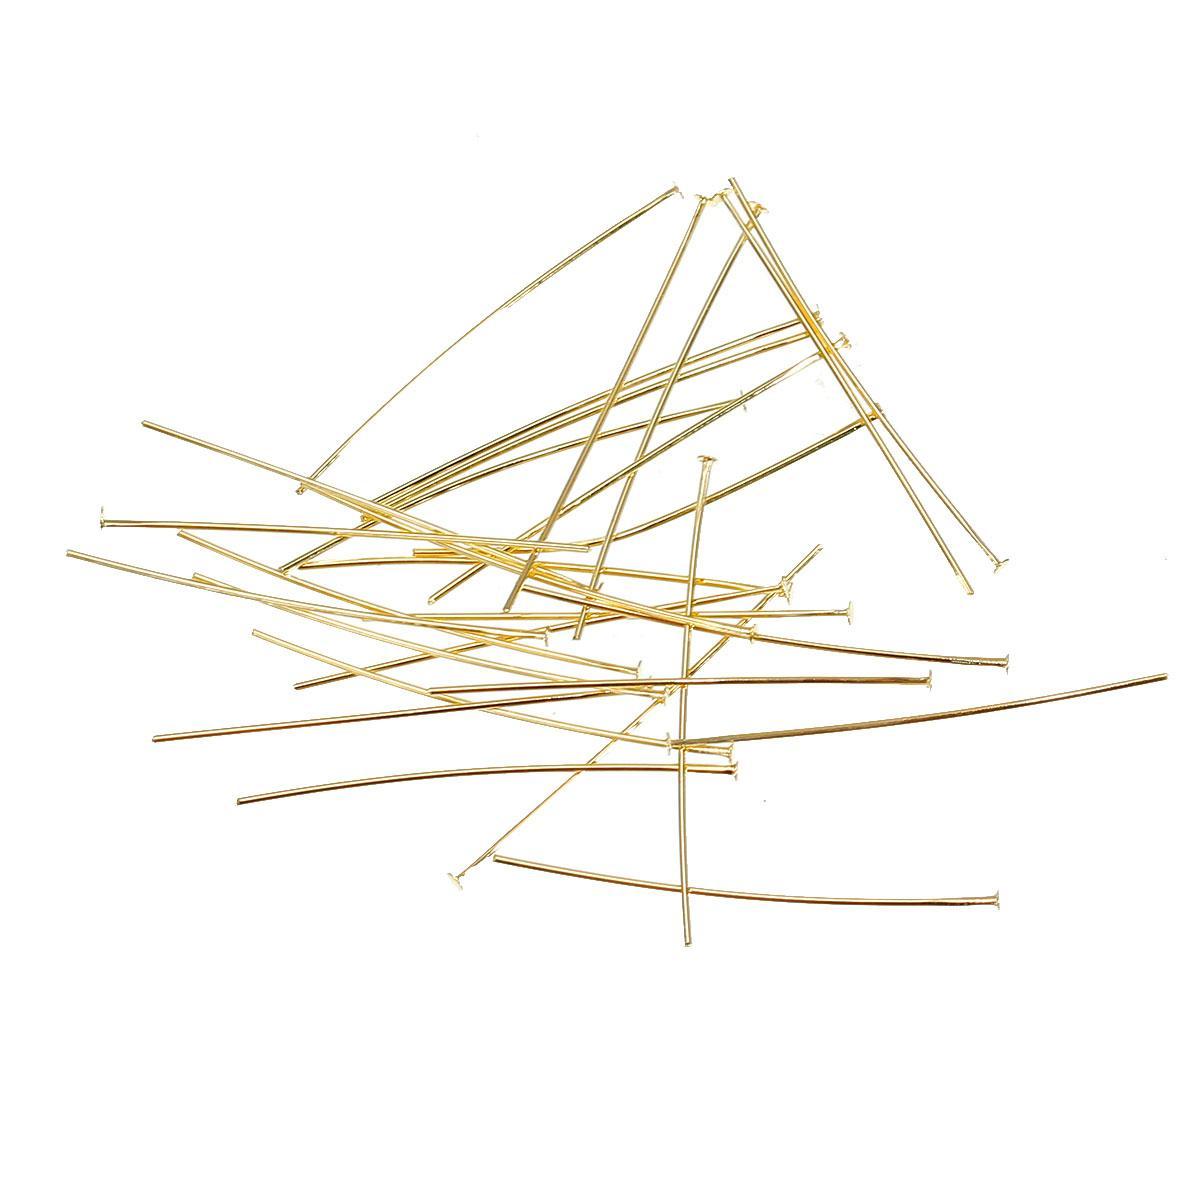 Пина / Штифт с шляпкой, Золото, 3 см длина, 0.5 мм